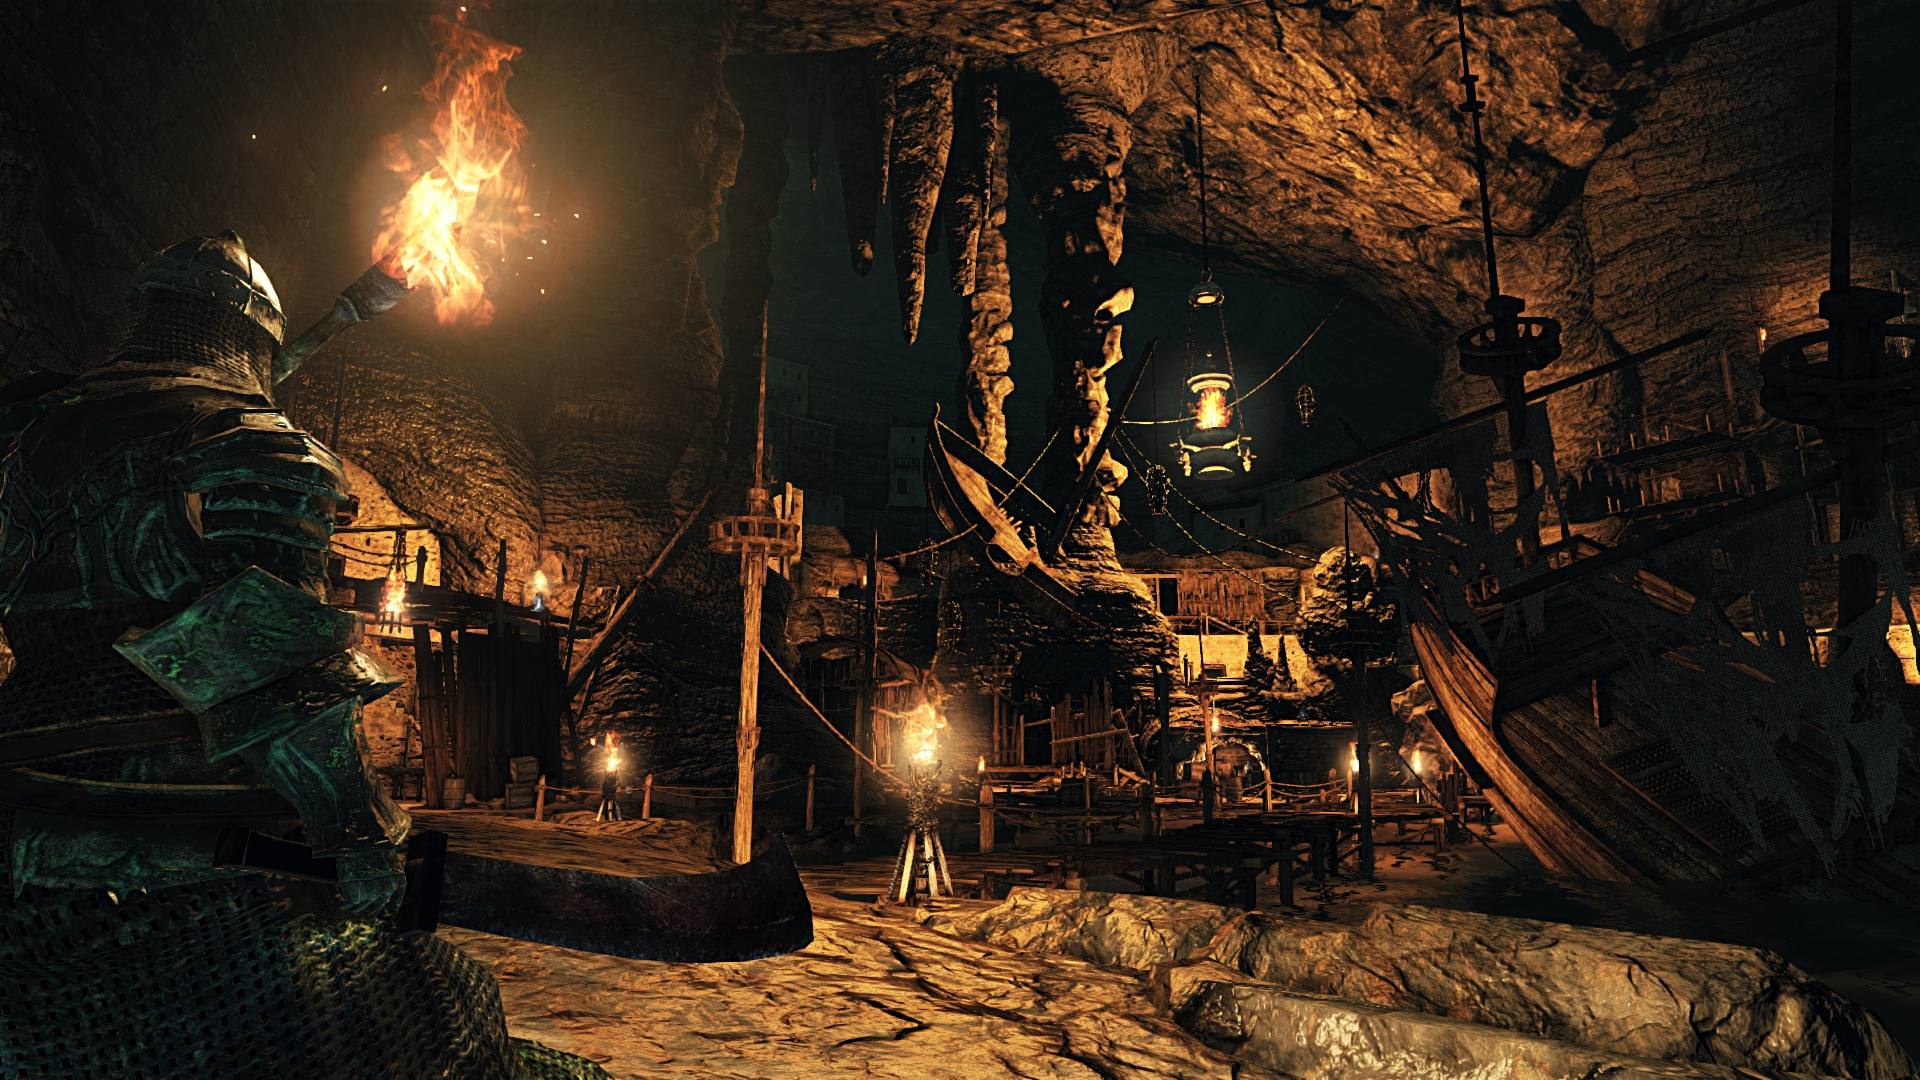 Dark Souls Ii Wallpapers Video Game Hq Dark Souls Ii Pictures